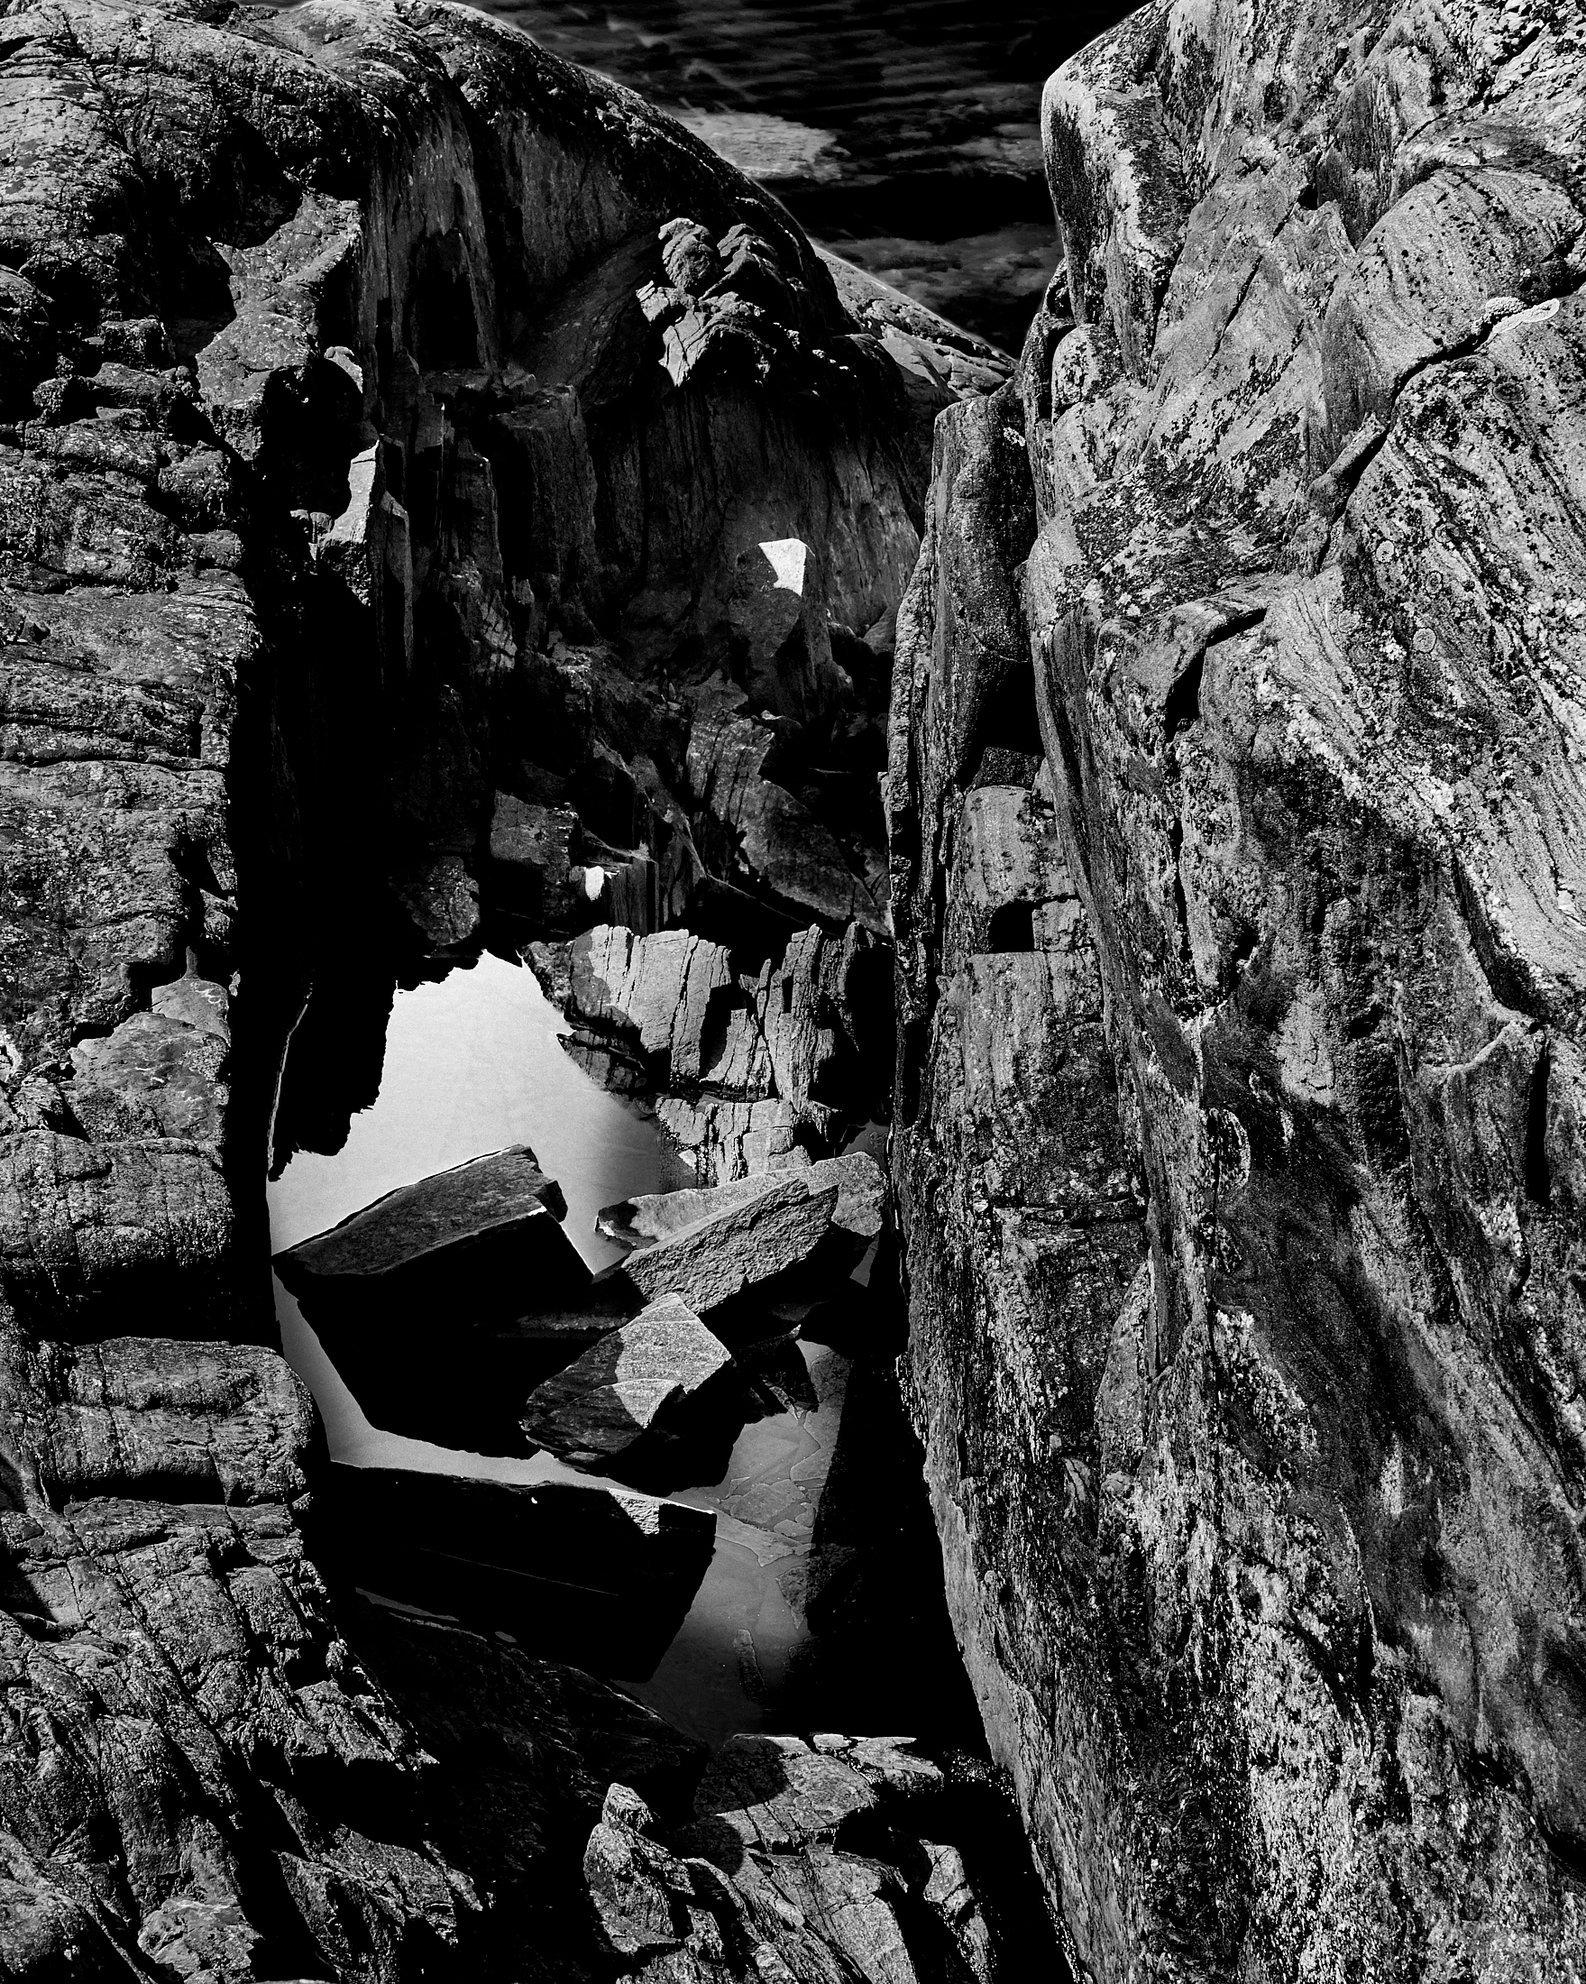 Cliffs Study I